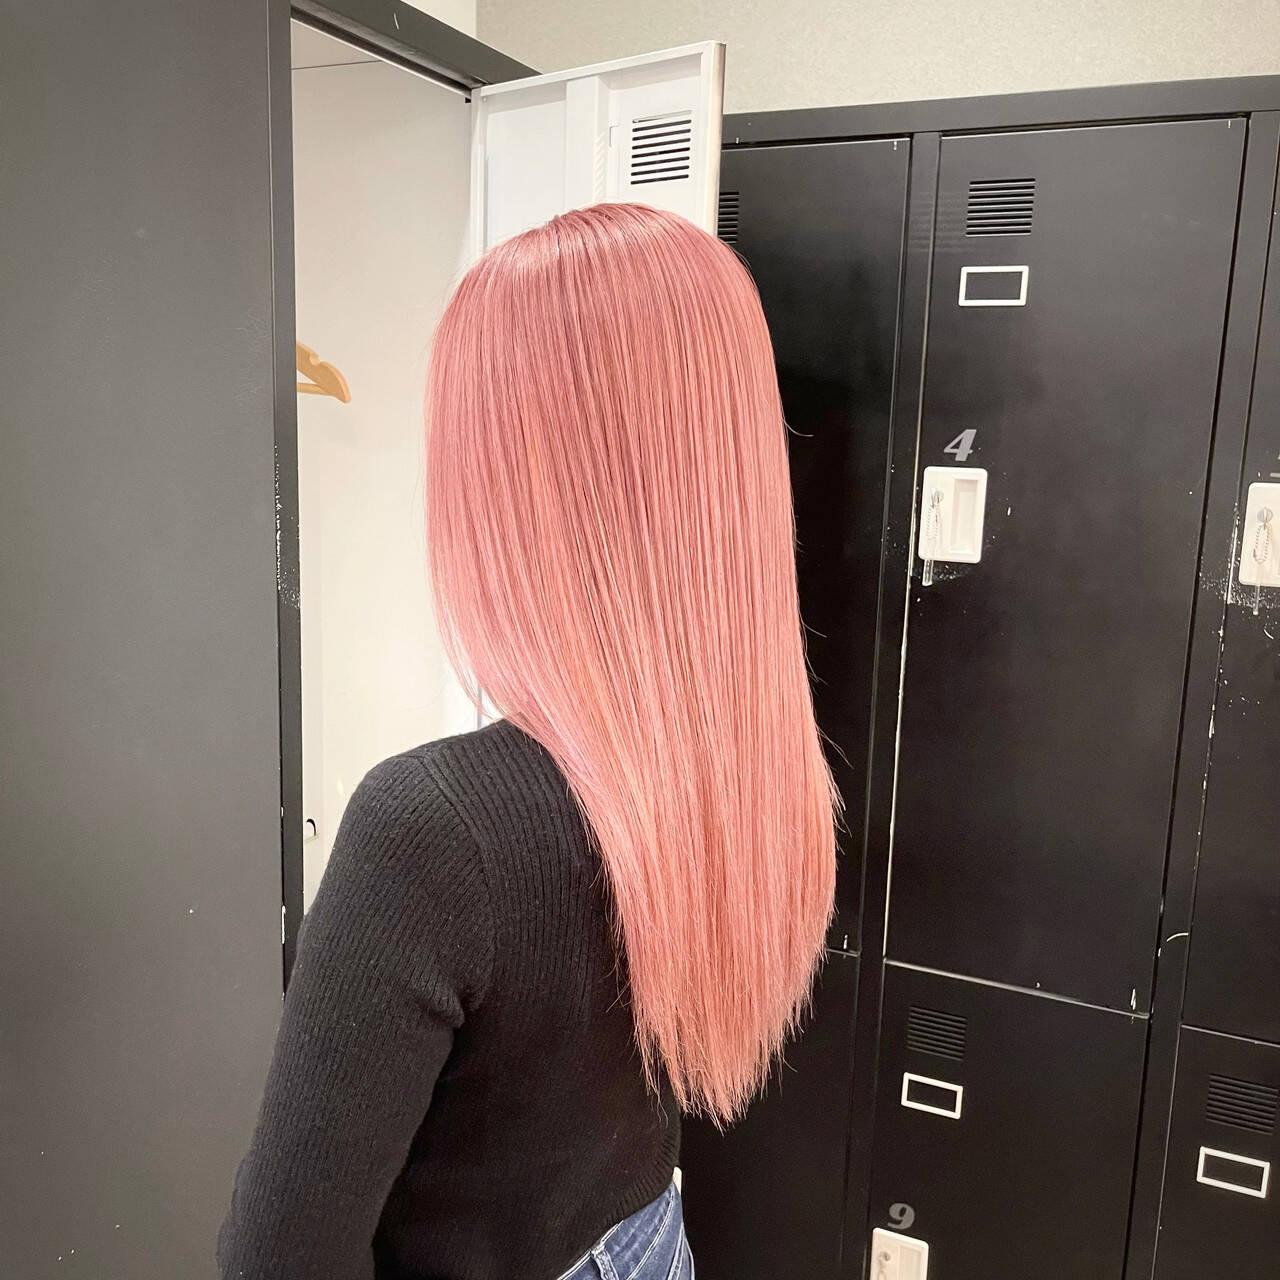 艶髪 ナチュラル ピンク ストレートヘアスタイルや髪型の写真・画像